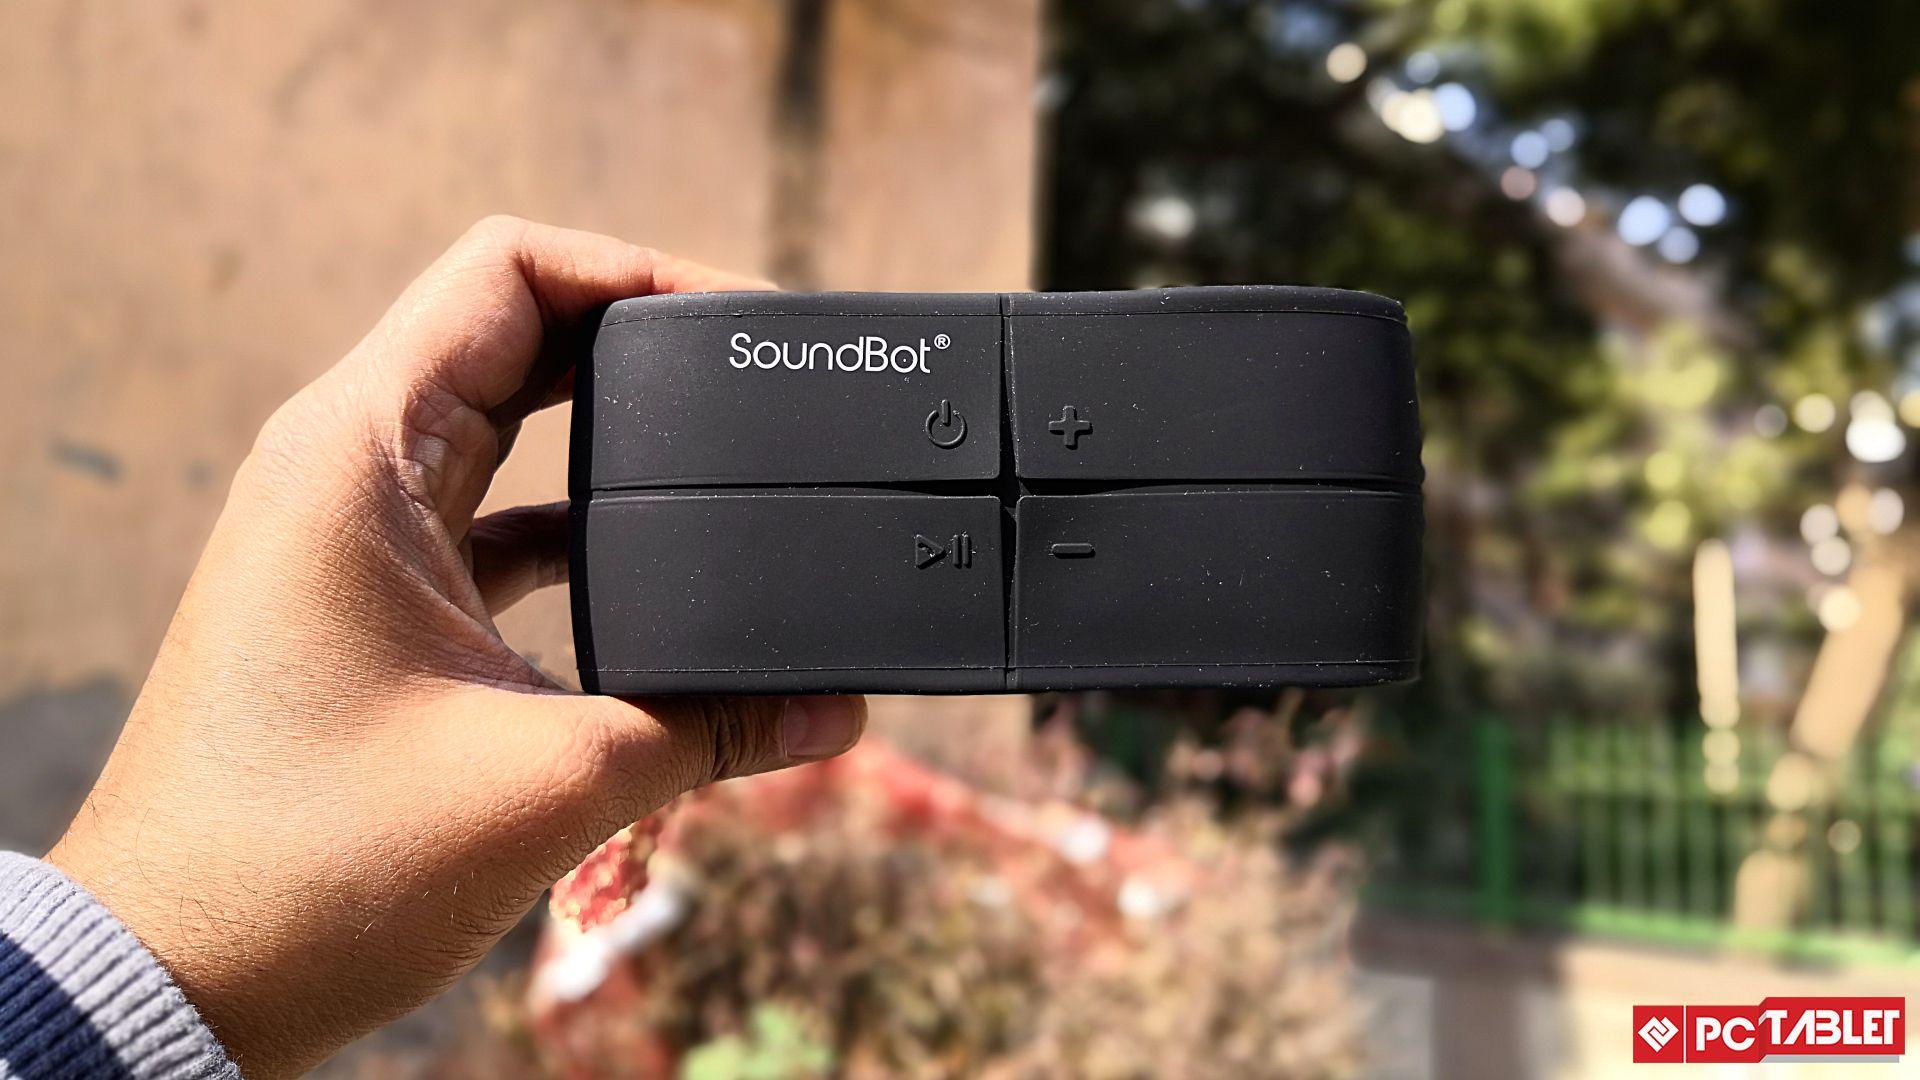 Soundbot Bluetooth Speaker 4